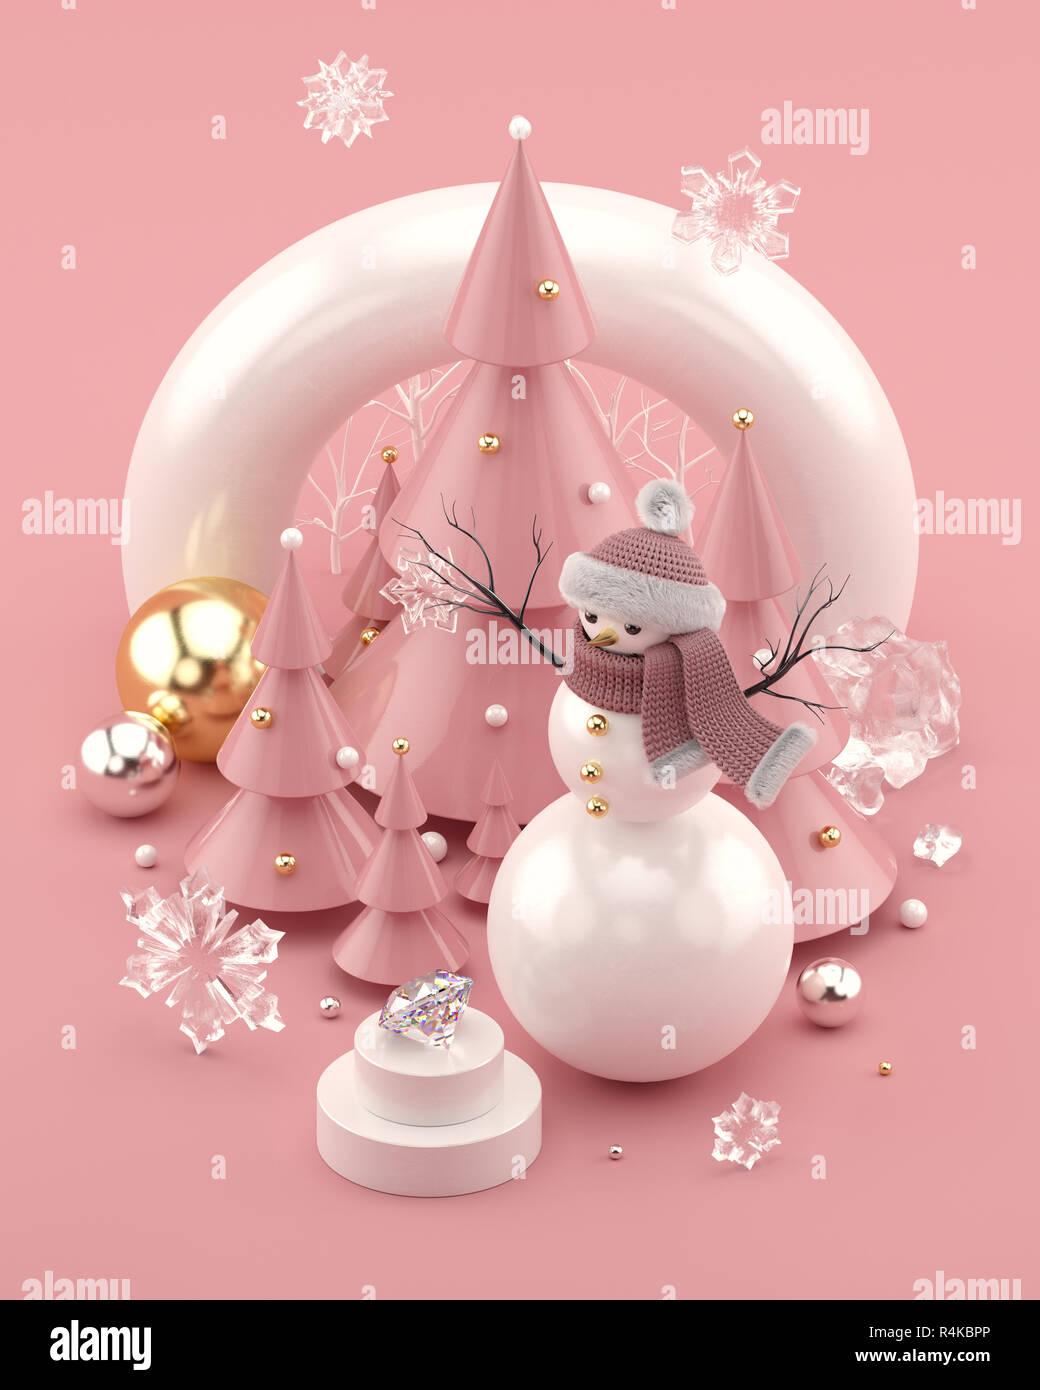 Oro rosa ilustración 3D con el muñeco de nieve y árboles de Navidad decorado. Imagen De Stock